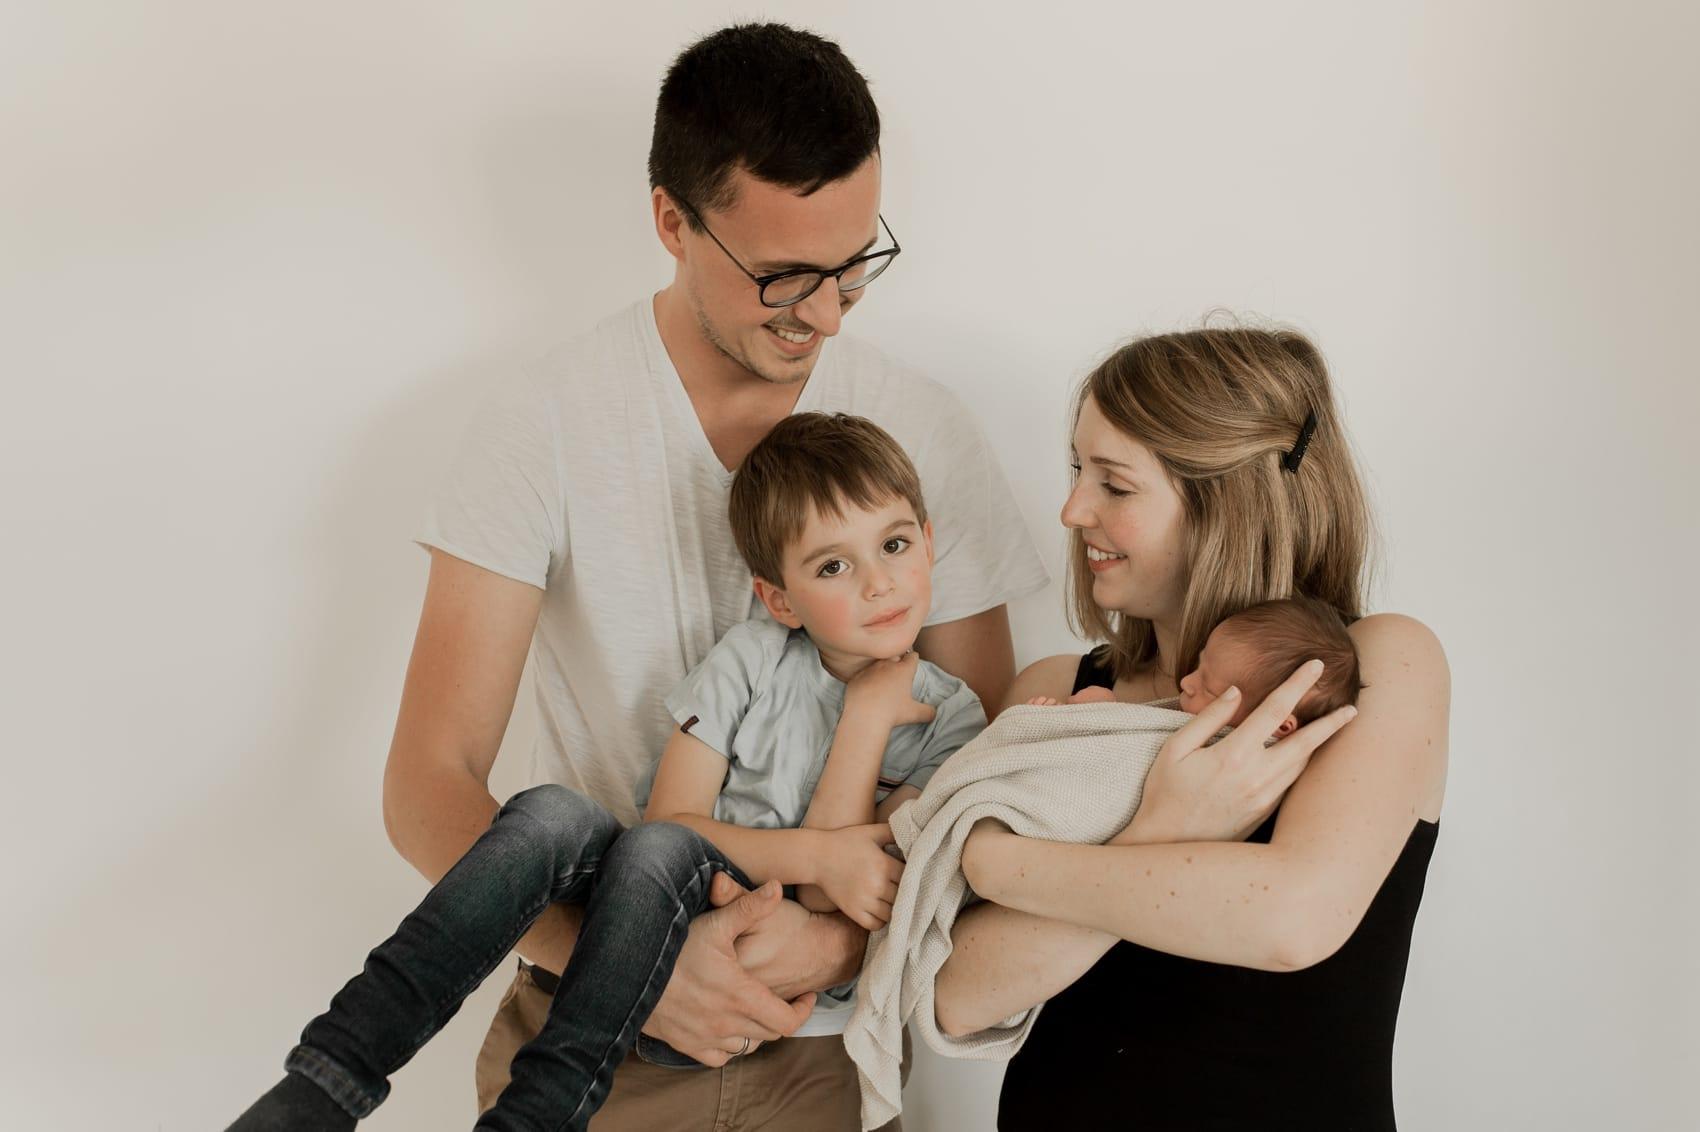 photographe photo allaitement nouveau né bébé à domicile caen calvados